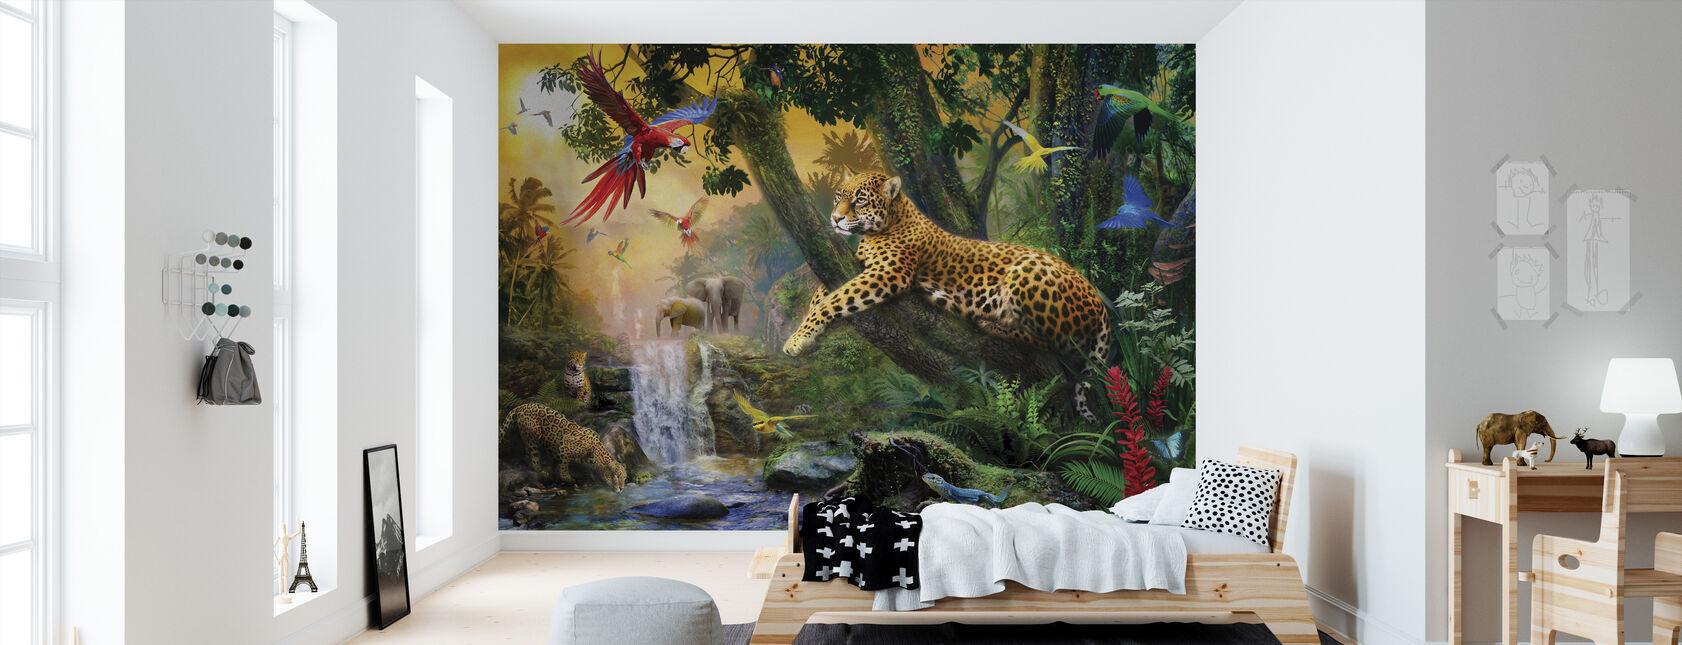 Leoparder i junglen - Tapet - Børneværelse